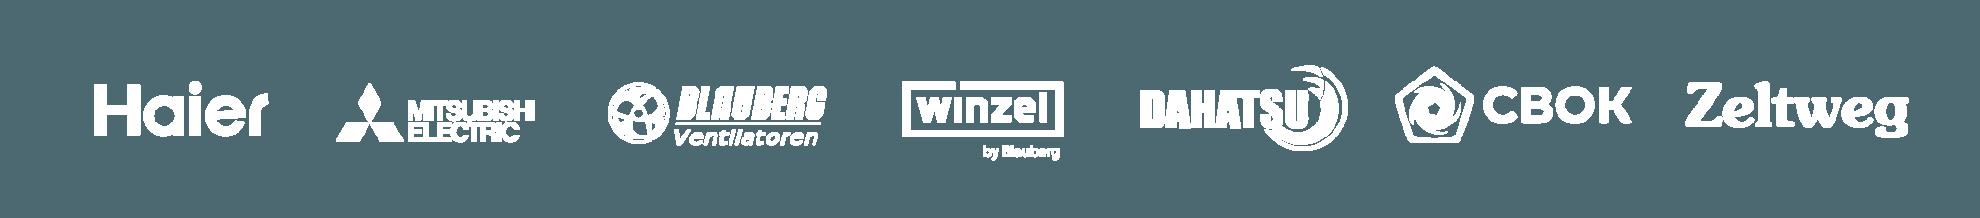 WAFE - официальный дистрибьютор Haier Winzel Blauberg в Санкт-Петербурге